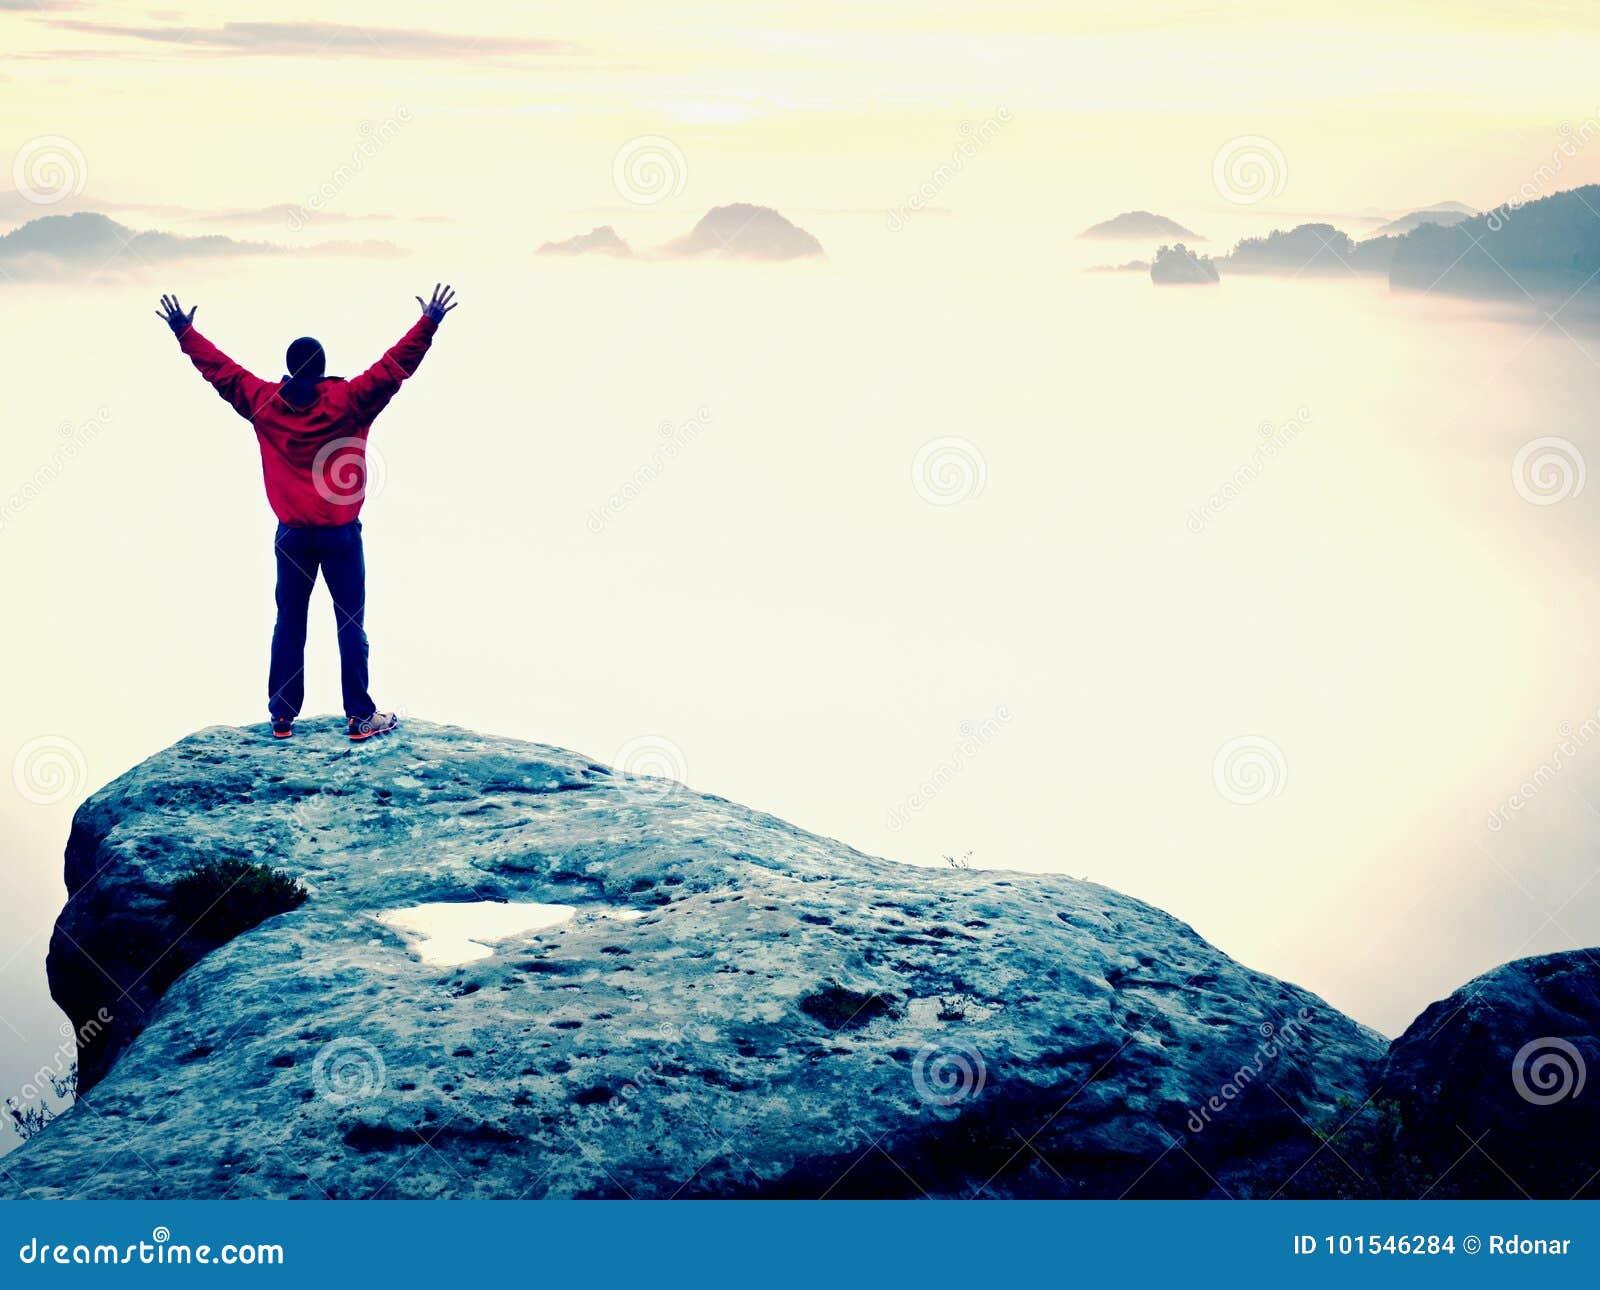 山山顶 愉快的人姿态被举的胳膊 滑稽的远足者用被举的手在天空中